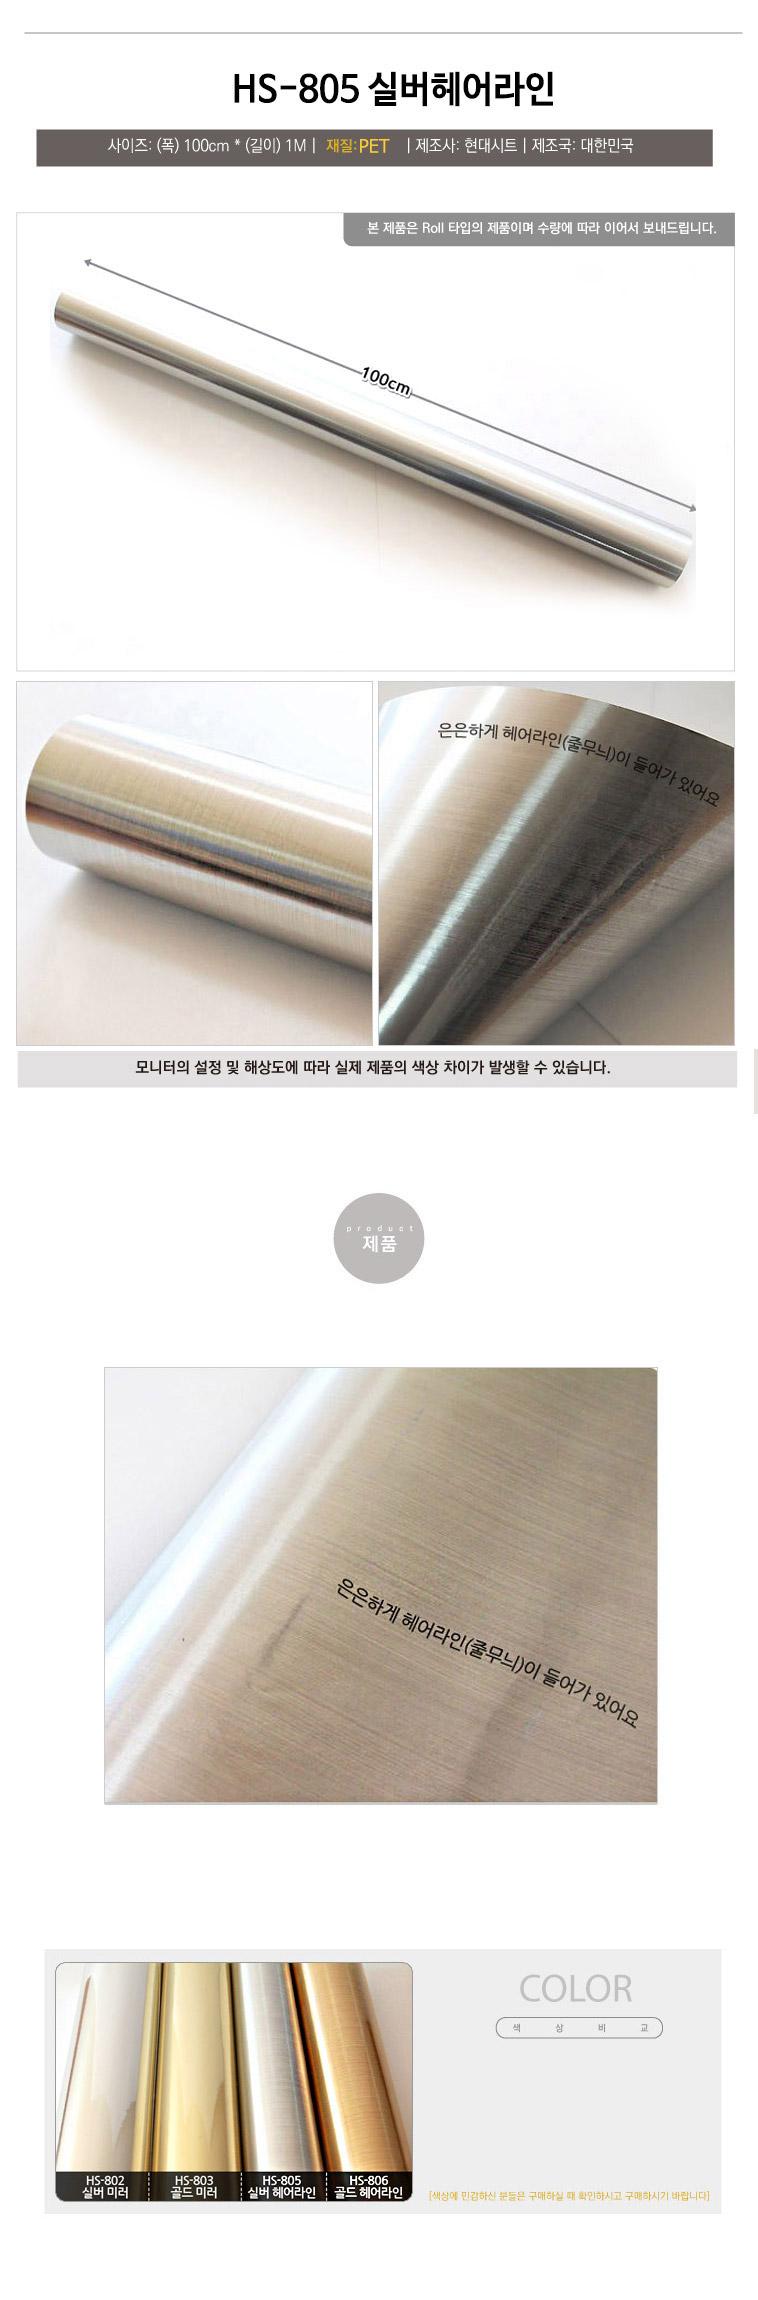 메탈 금속 시트지 실버 골드 헤어라인 유광 무광 로즈골드 - 케이알인터내셔날, 7,000원, 벽지/시트지, 단색벽지